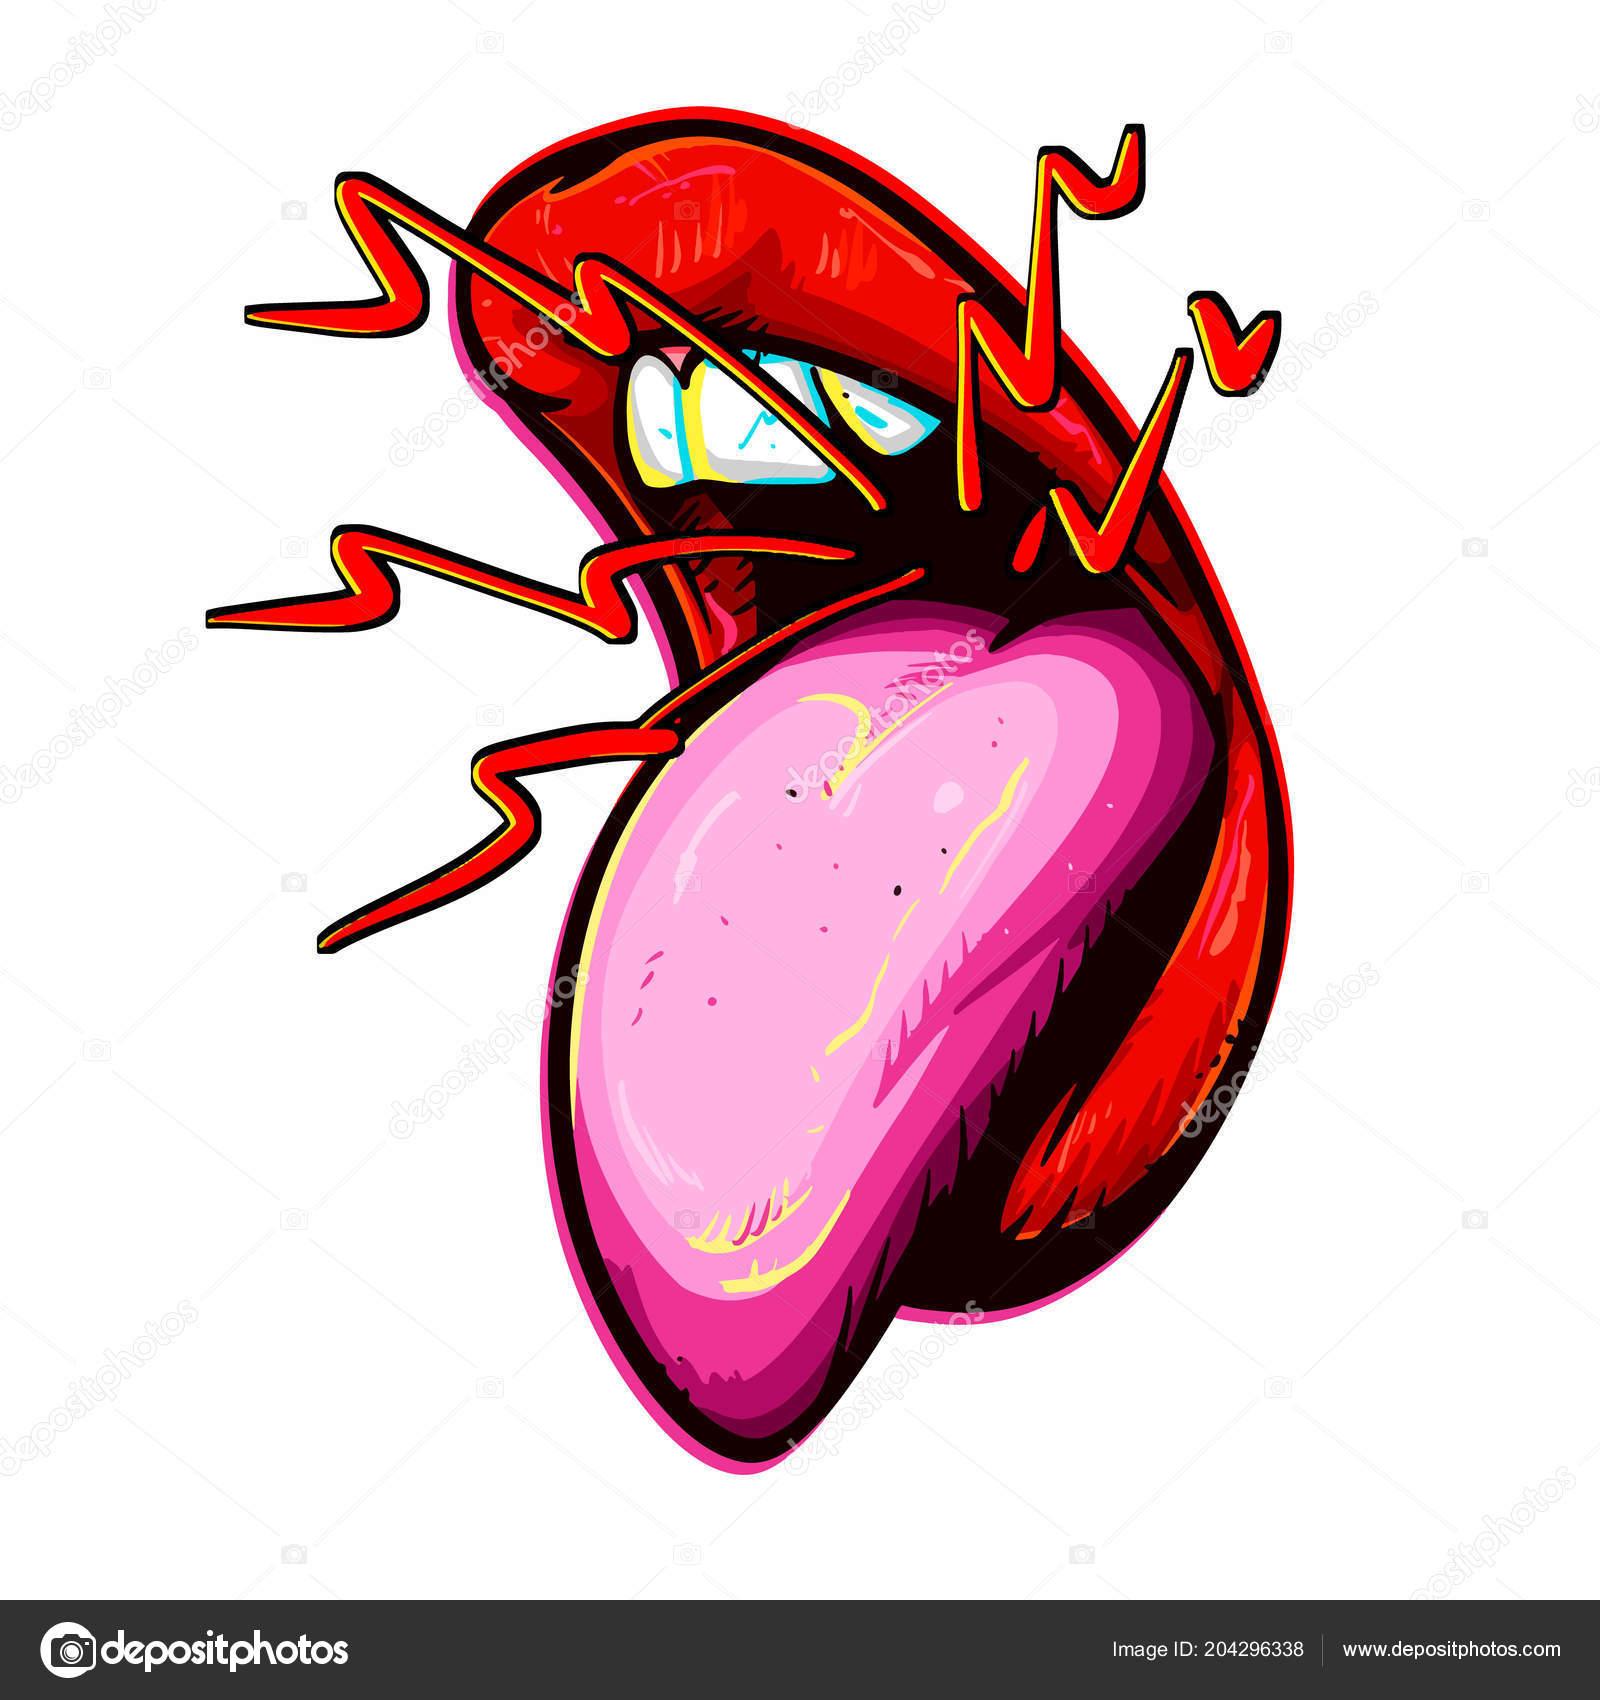 boca aberta com dentes língua estilo desenhos animados boca mulher